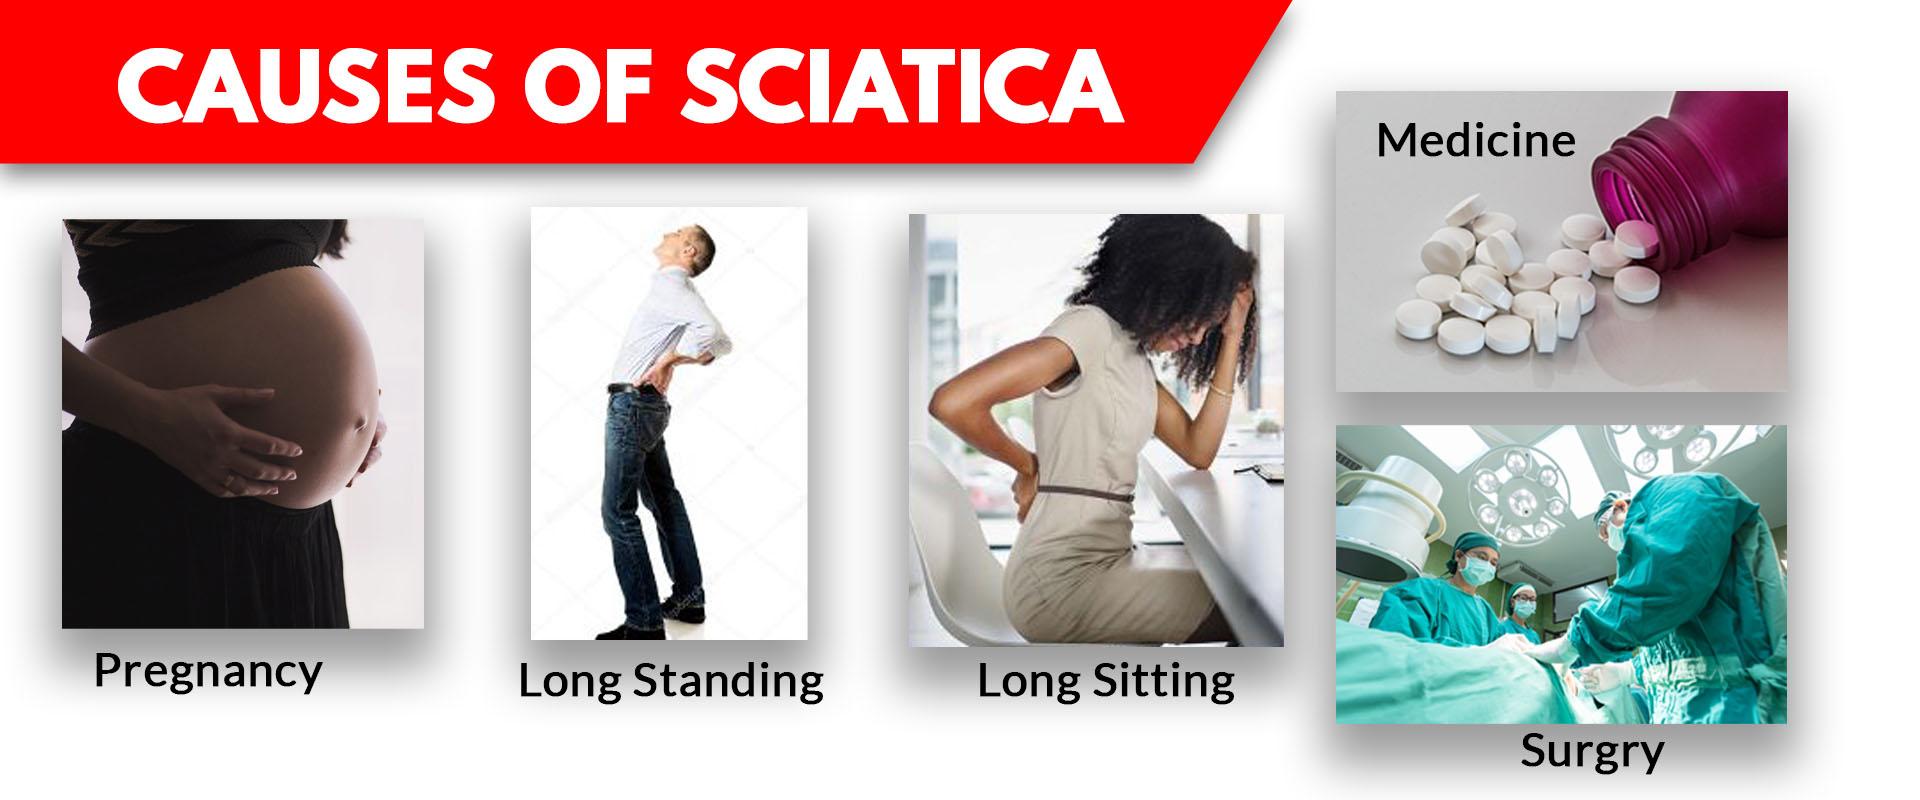 SCIATICA_CAUSE